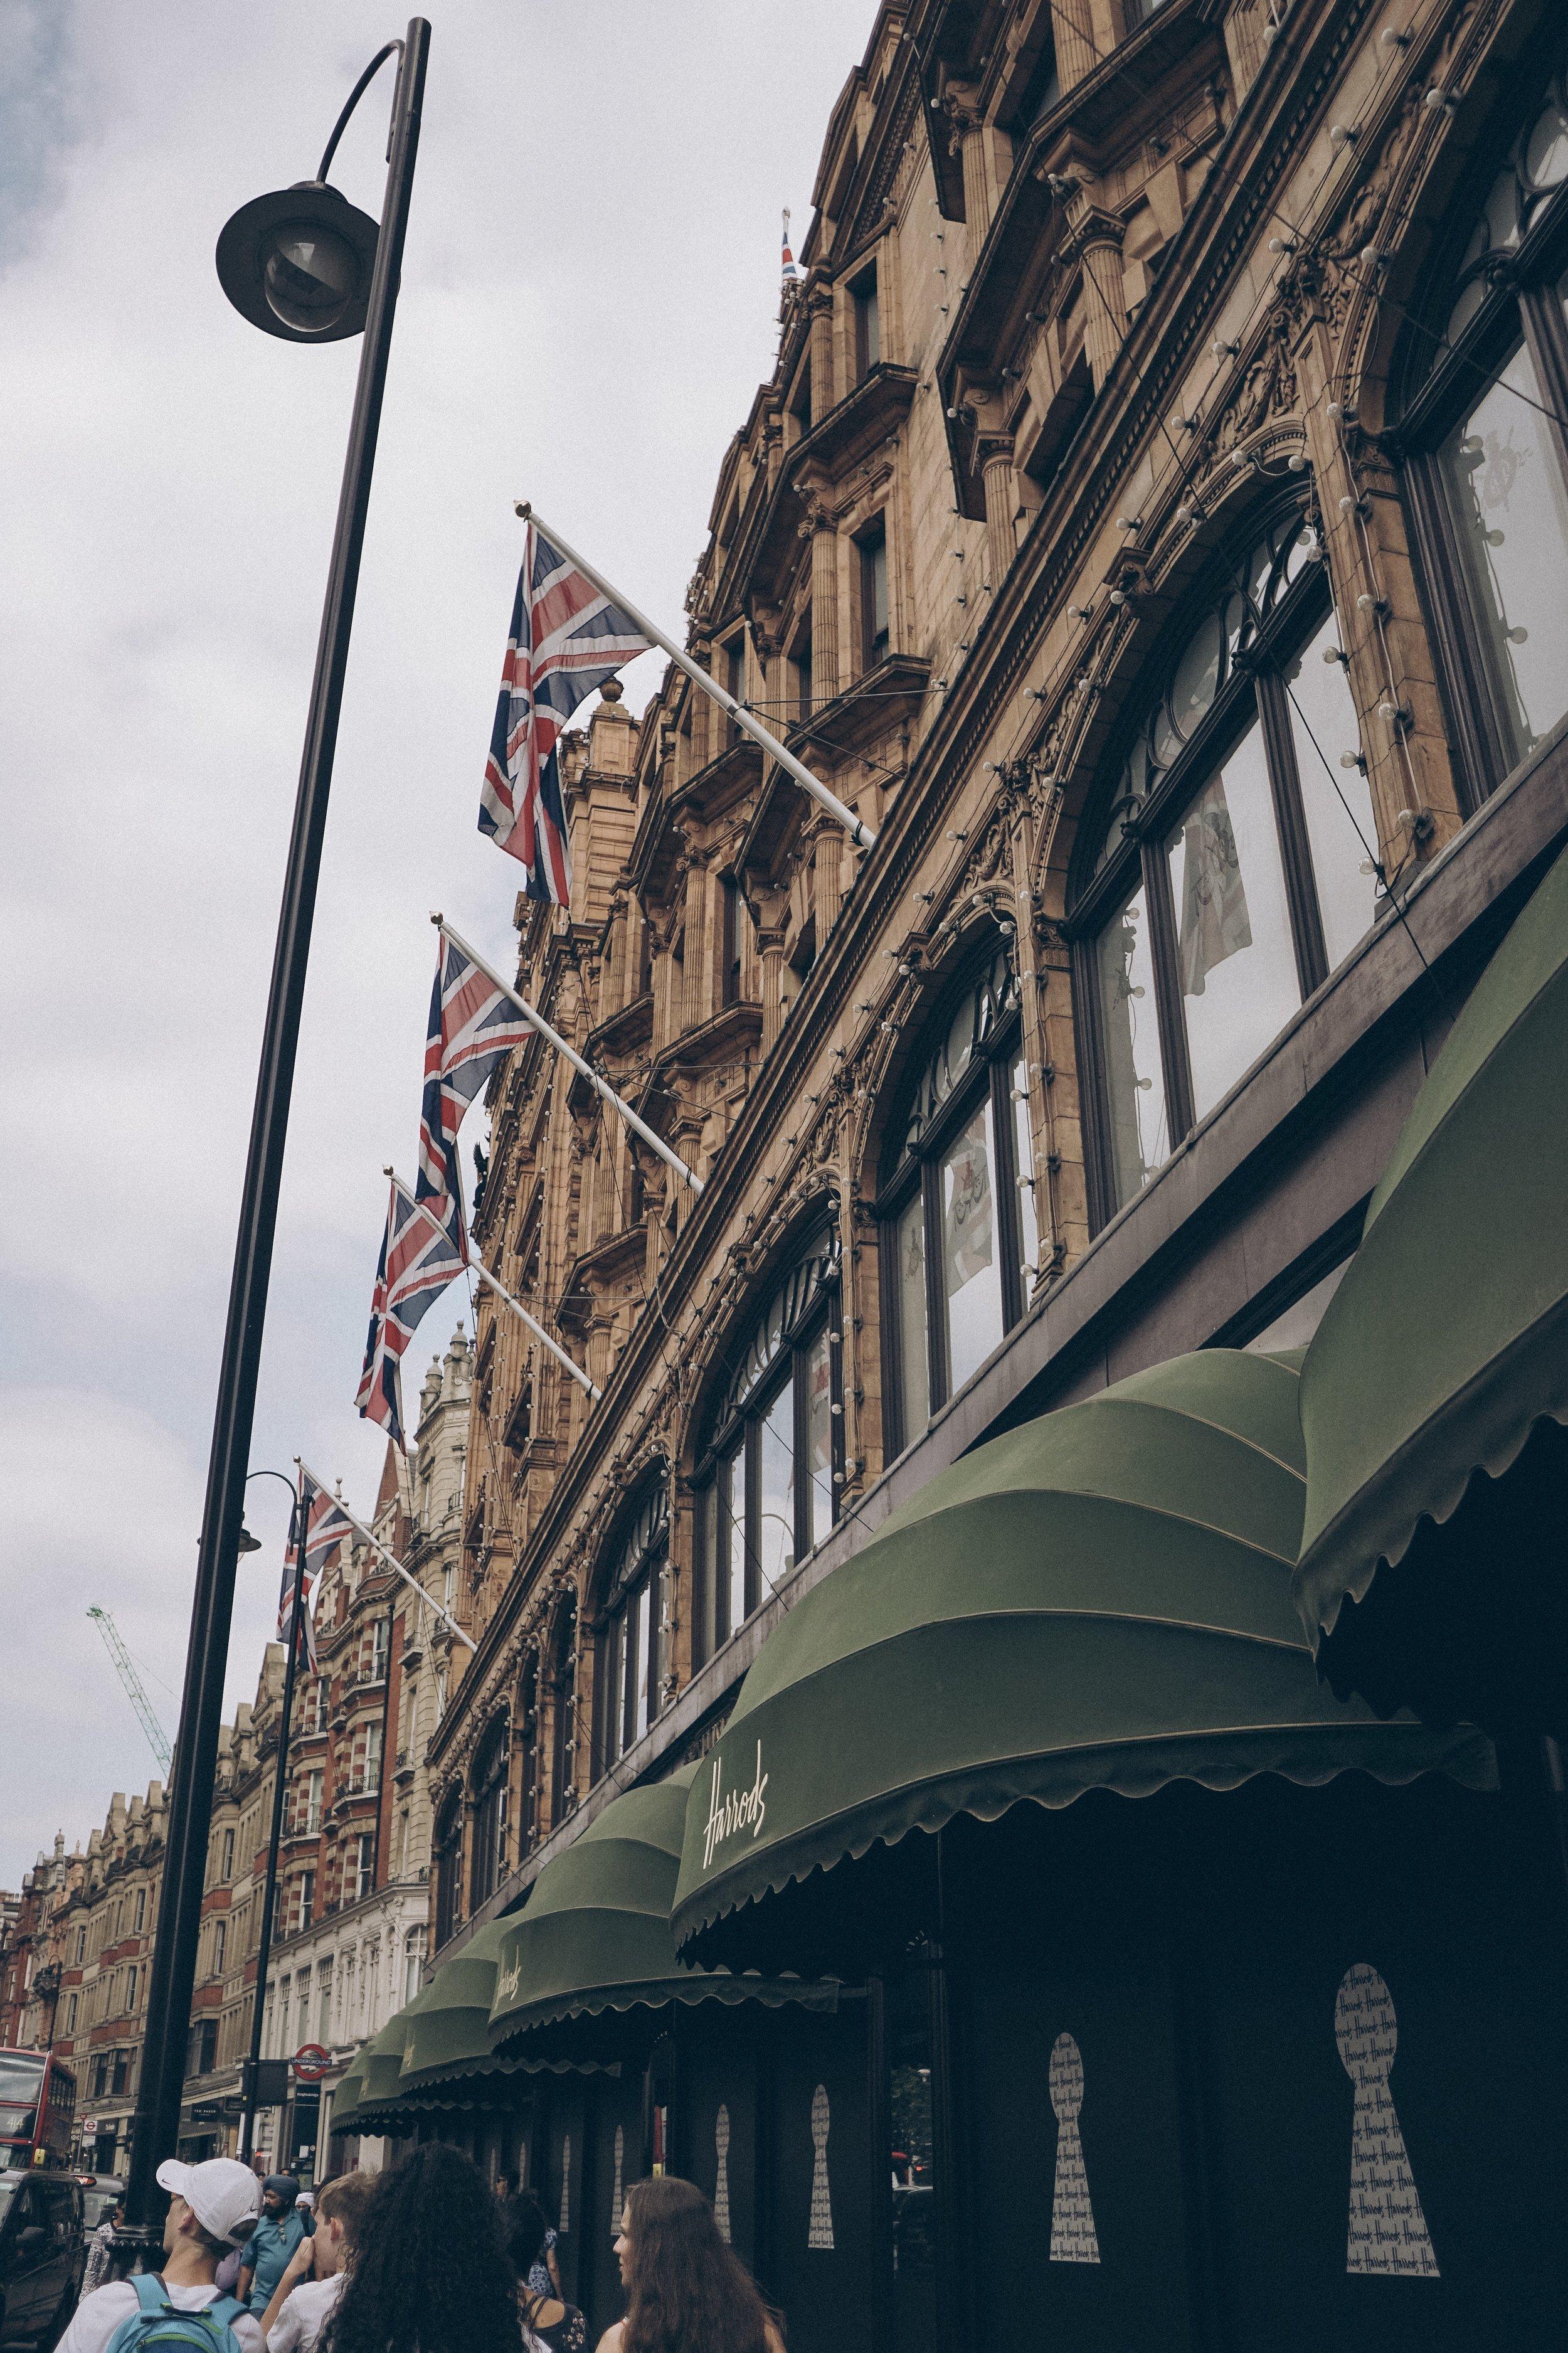 Harrods in London Julia Friedman